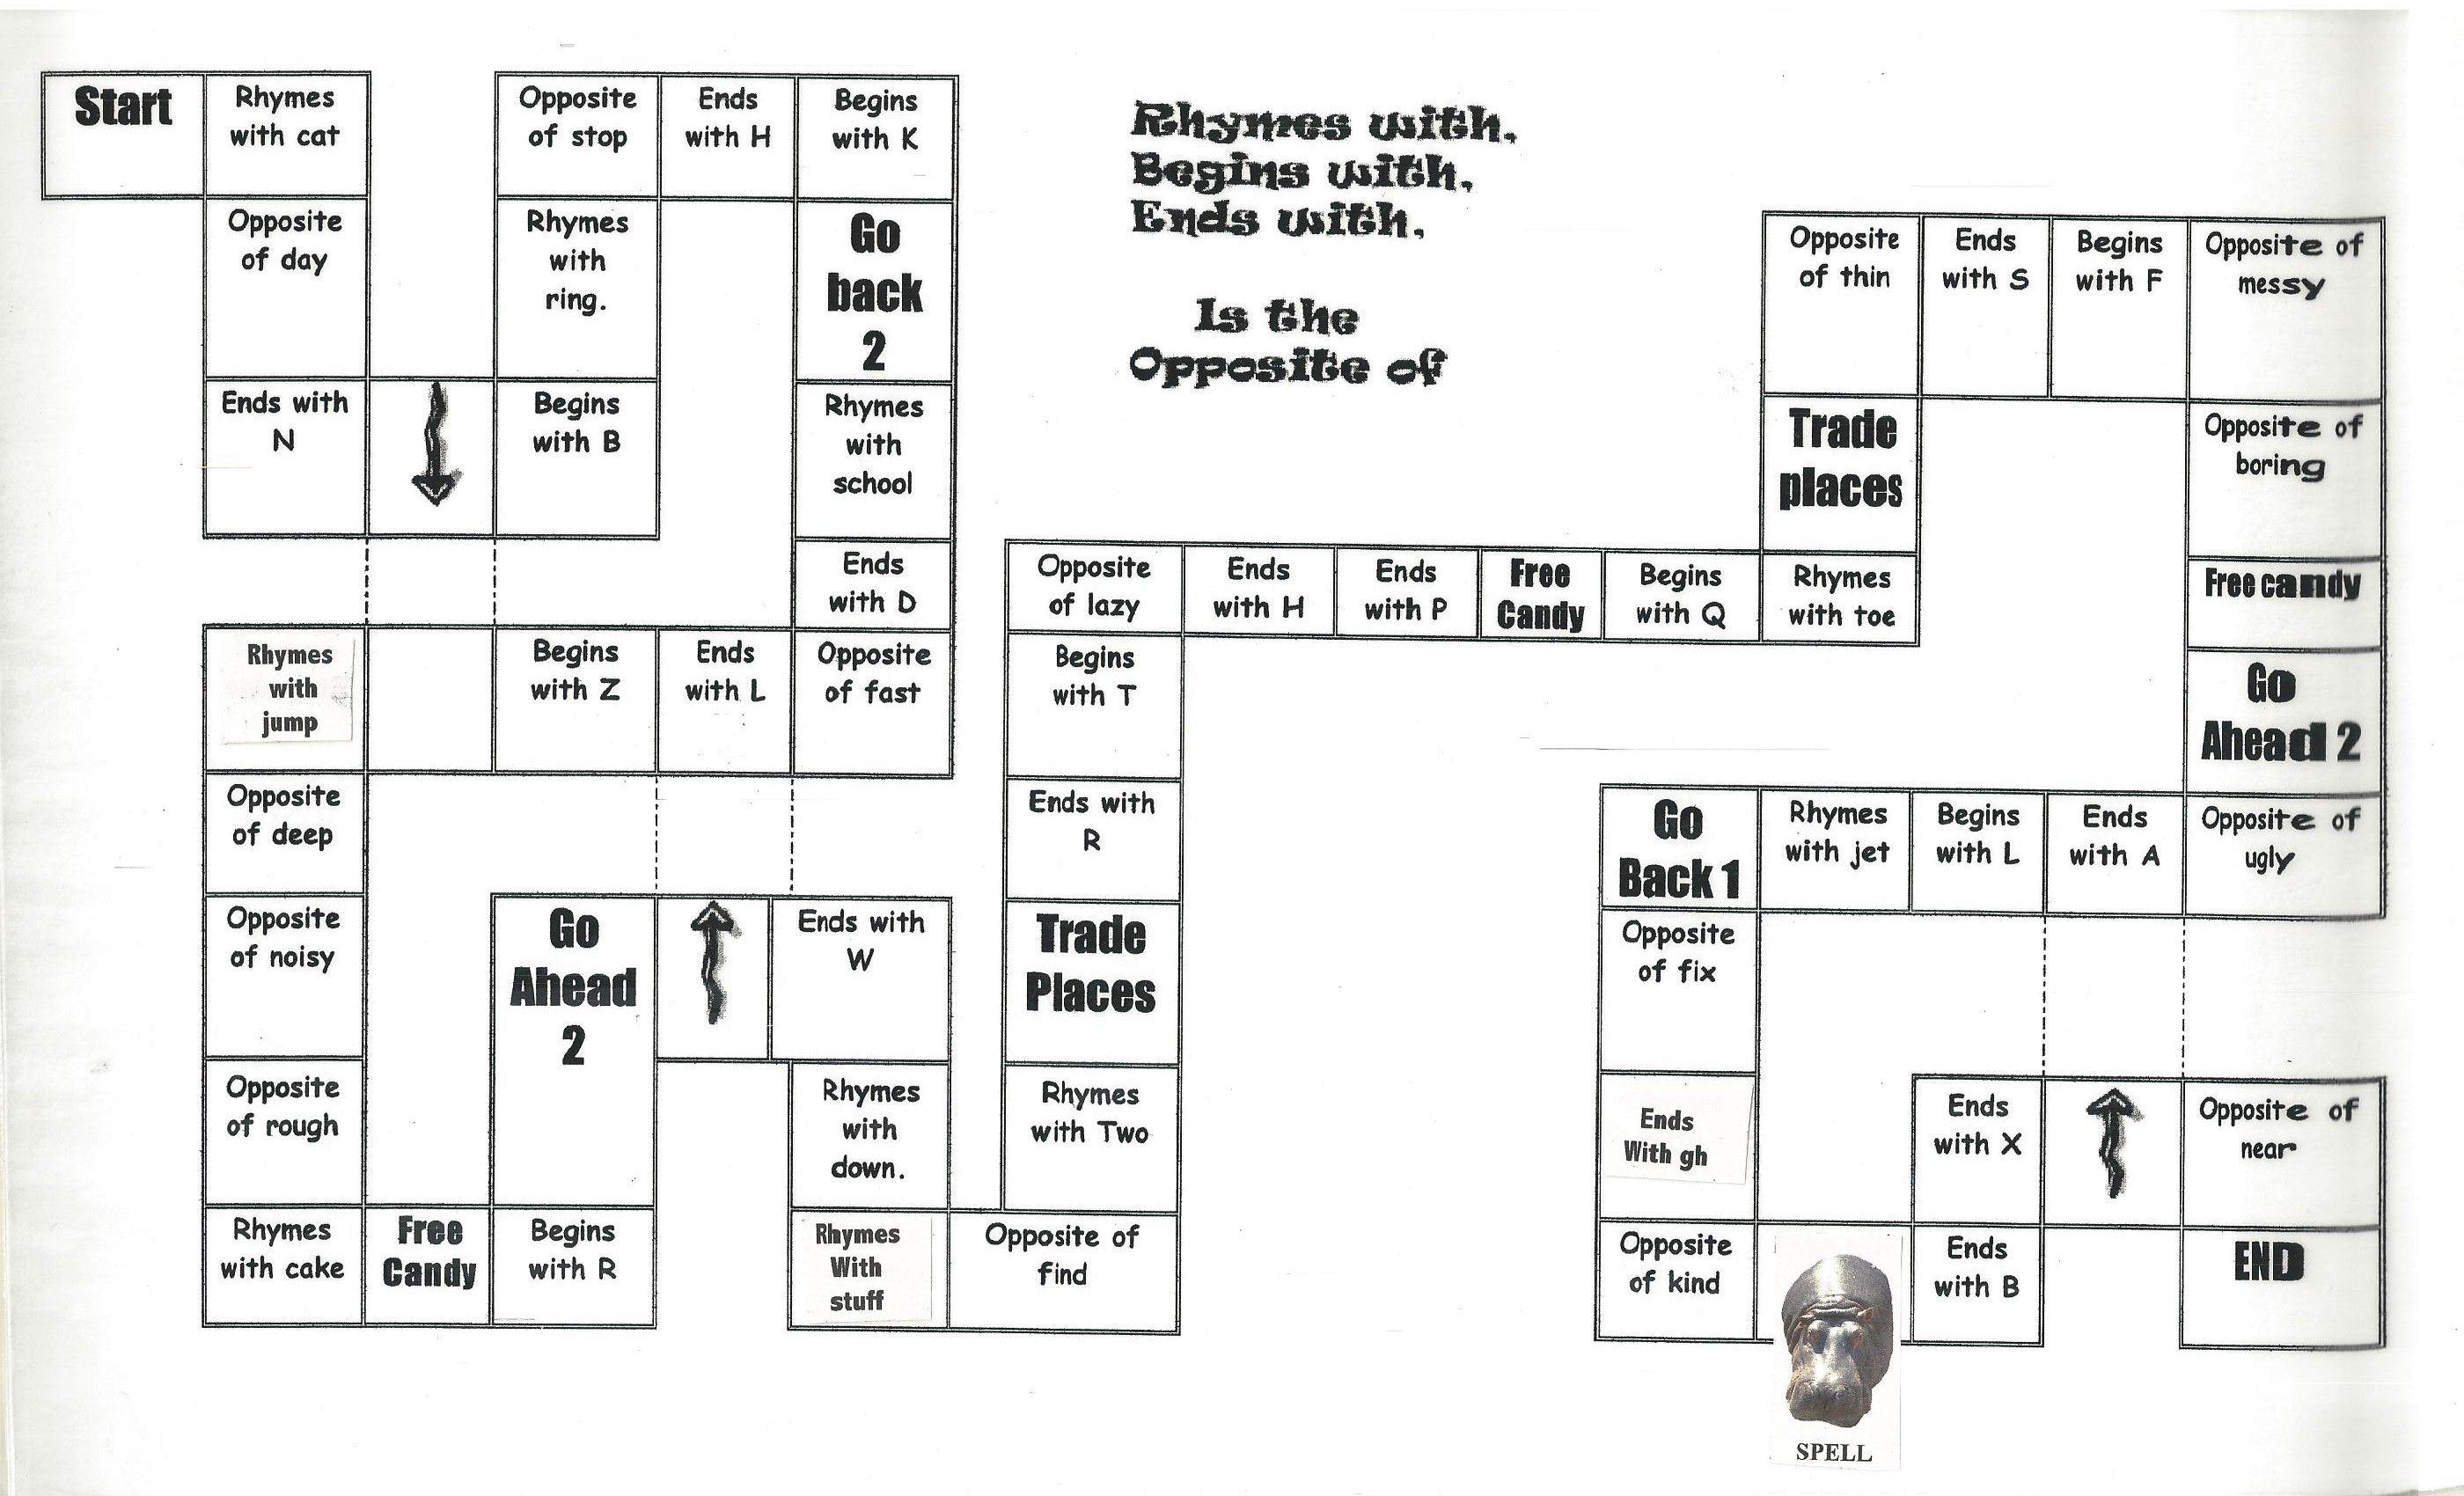 rhymes-opposites-game.jpg (2800×1700)